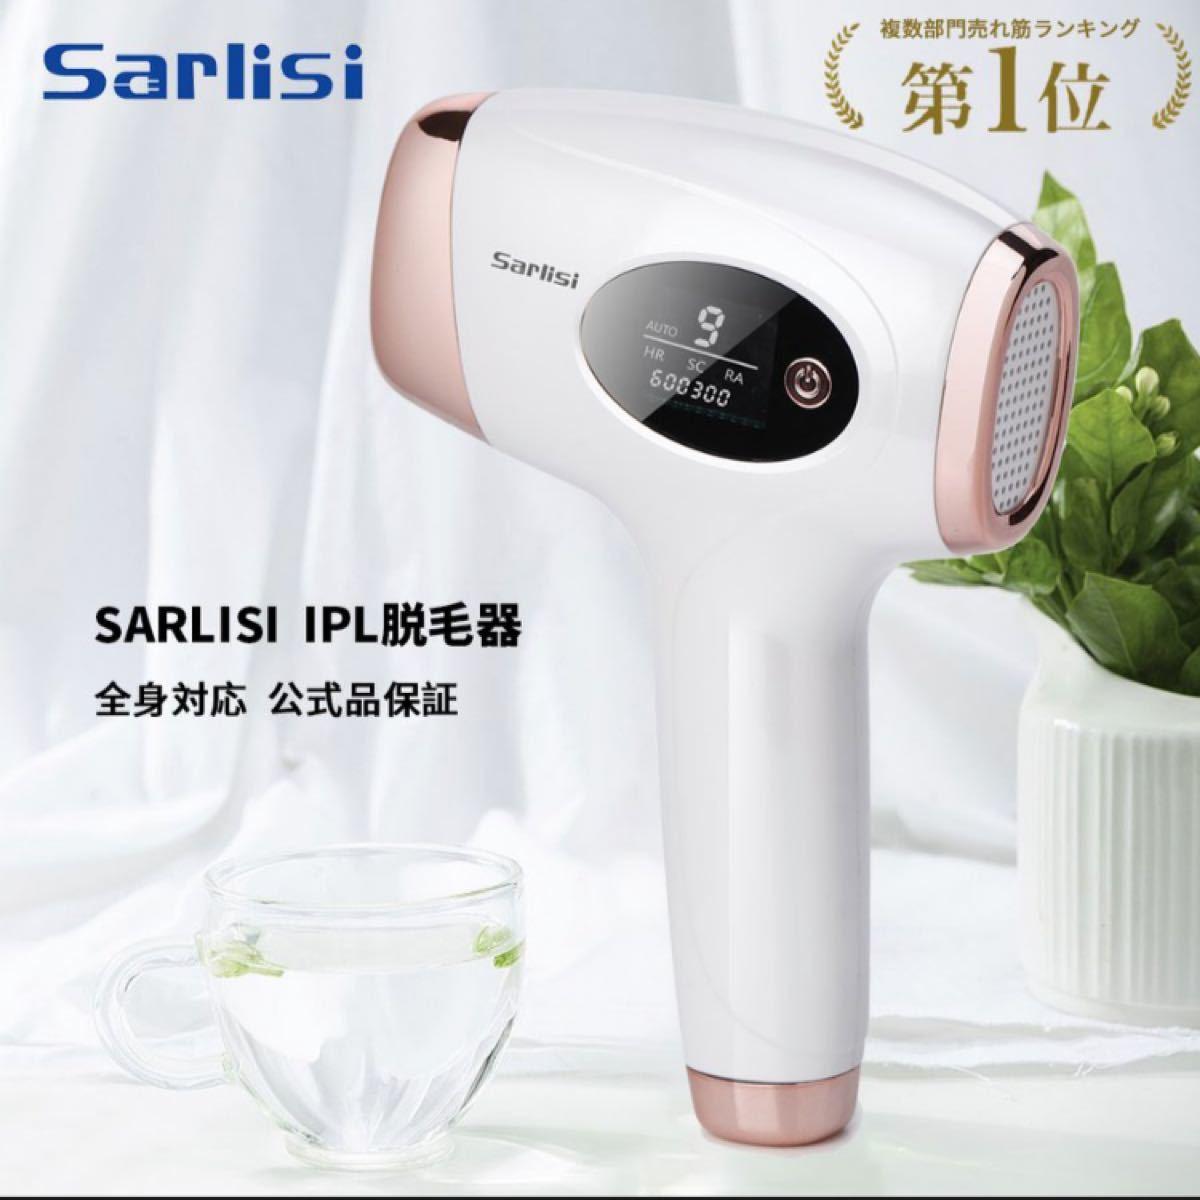 (最終値下げ)脱毛器 SARLISI 光美容器 VIO フラッシュ IPL 家庭用 メンズ 髭 脇 全身用 アンダーヘア